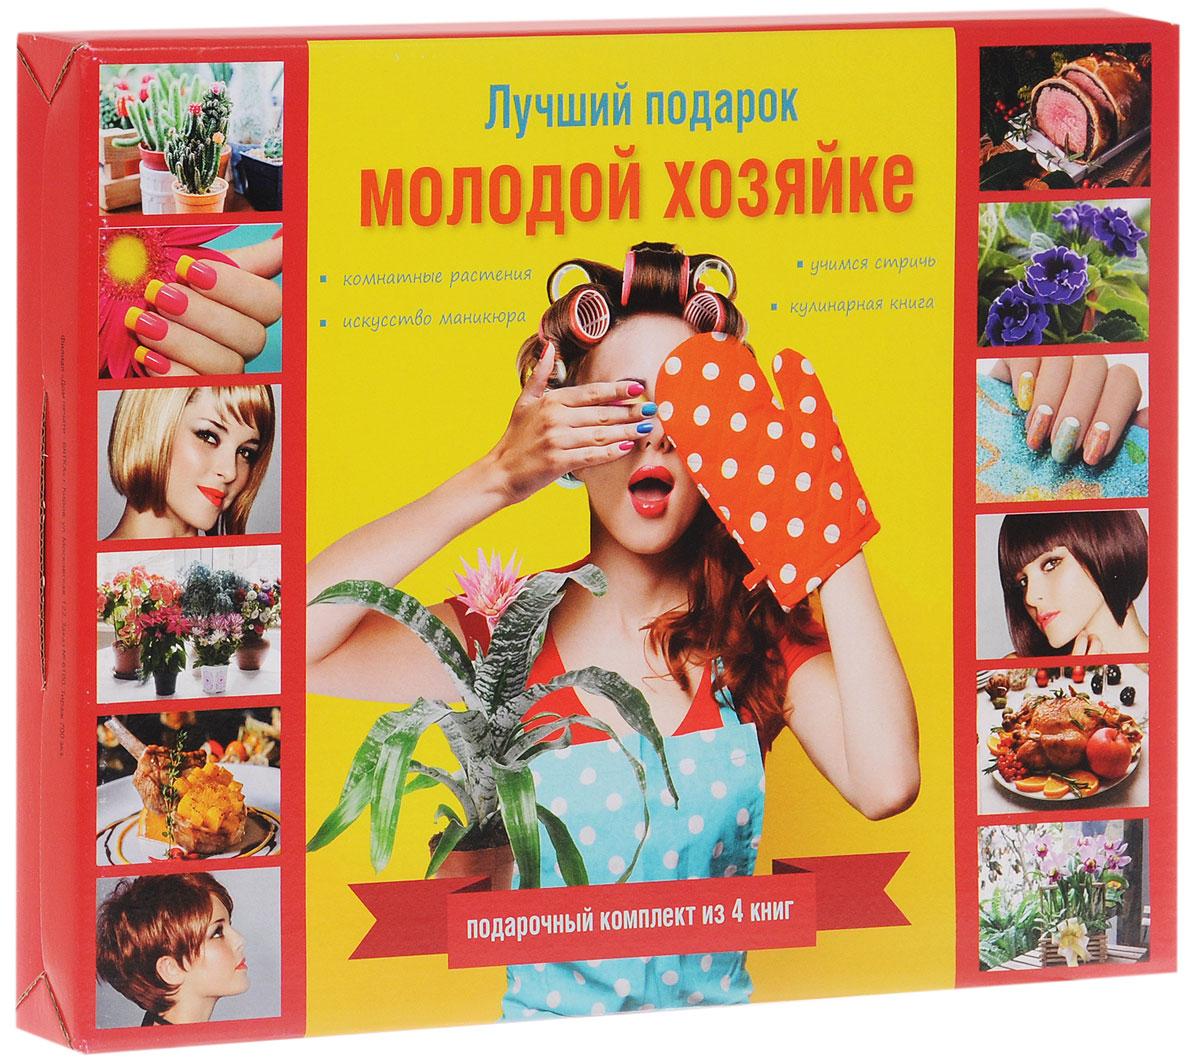 Лучший подарок молодой хозяйке (подарочный комплект из 4 книг)